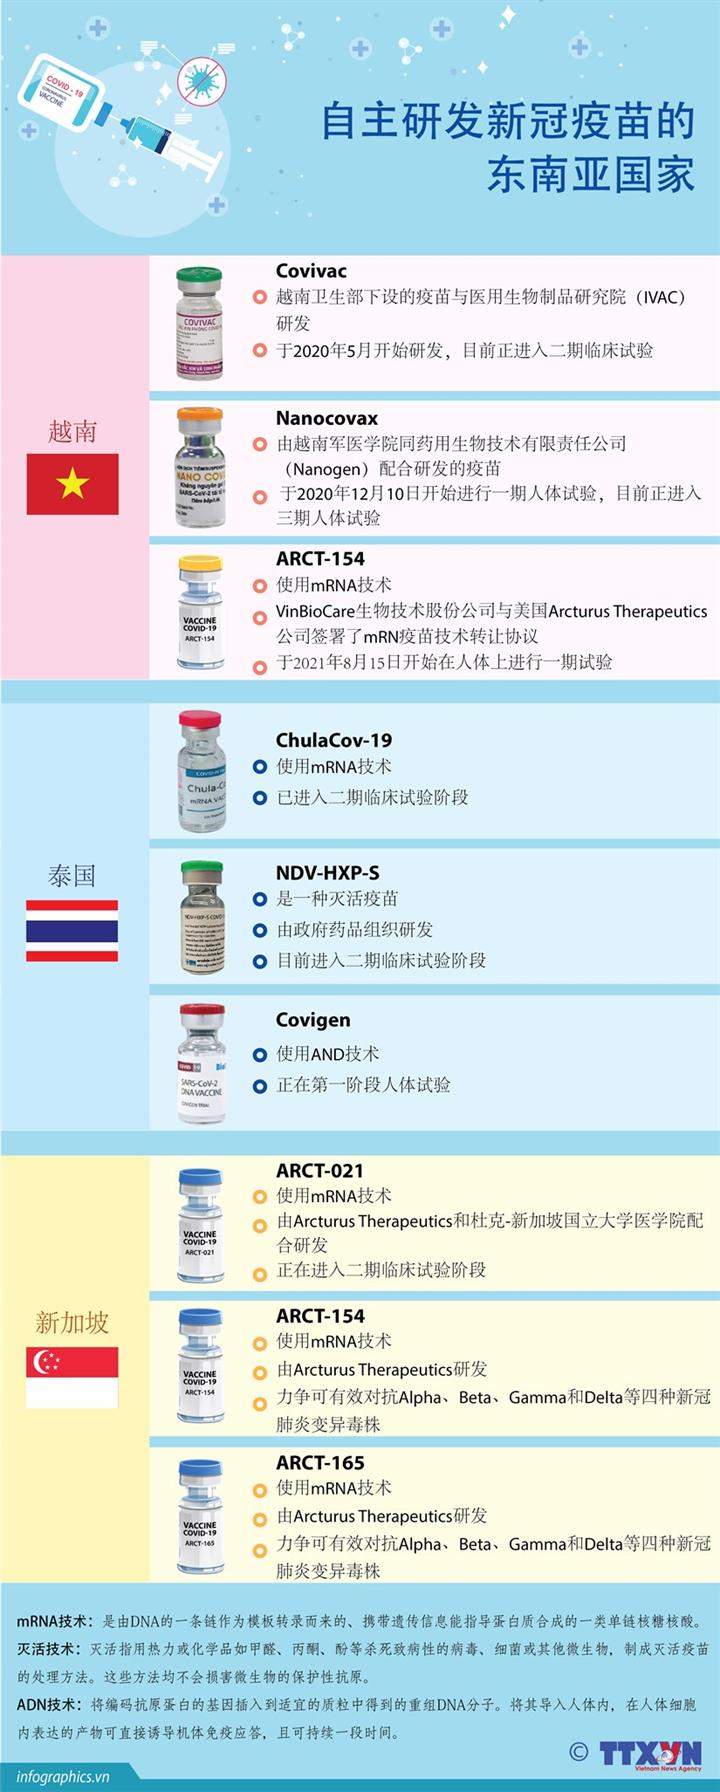 自主研发新冠疫苗的东南亚国家